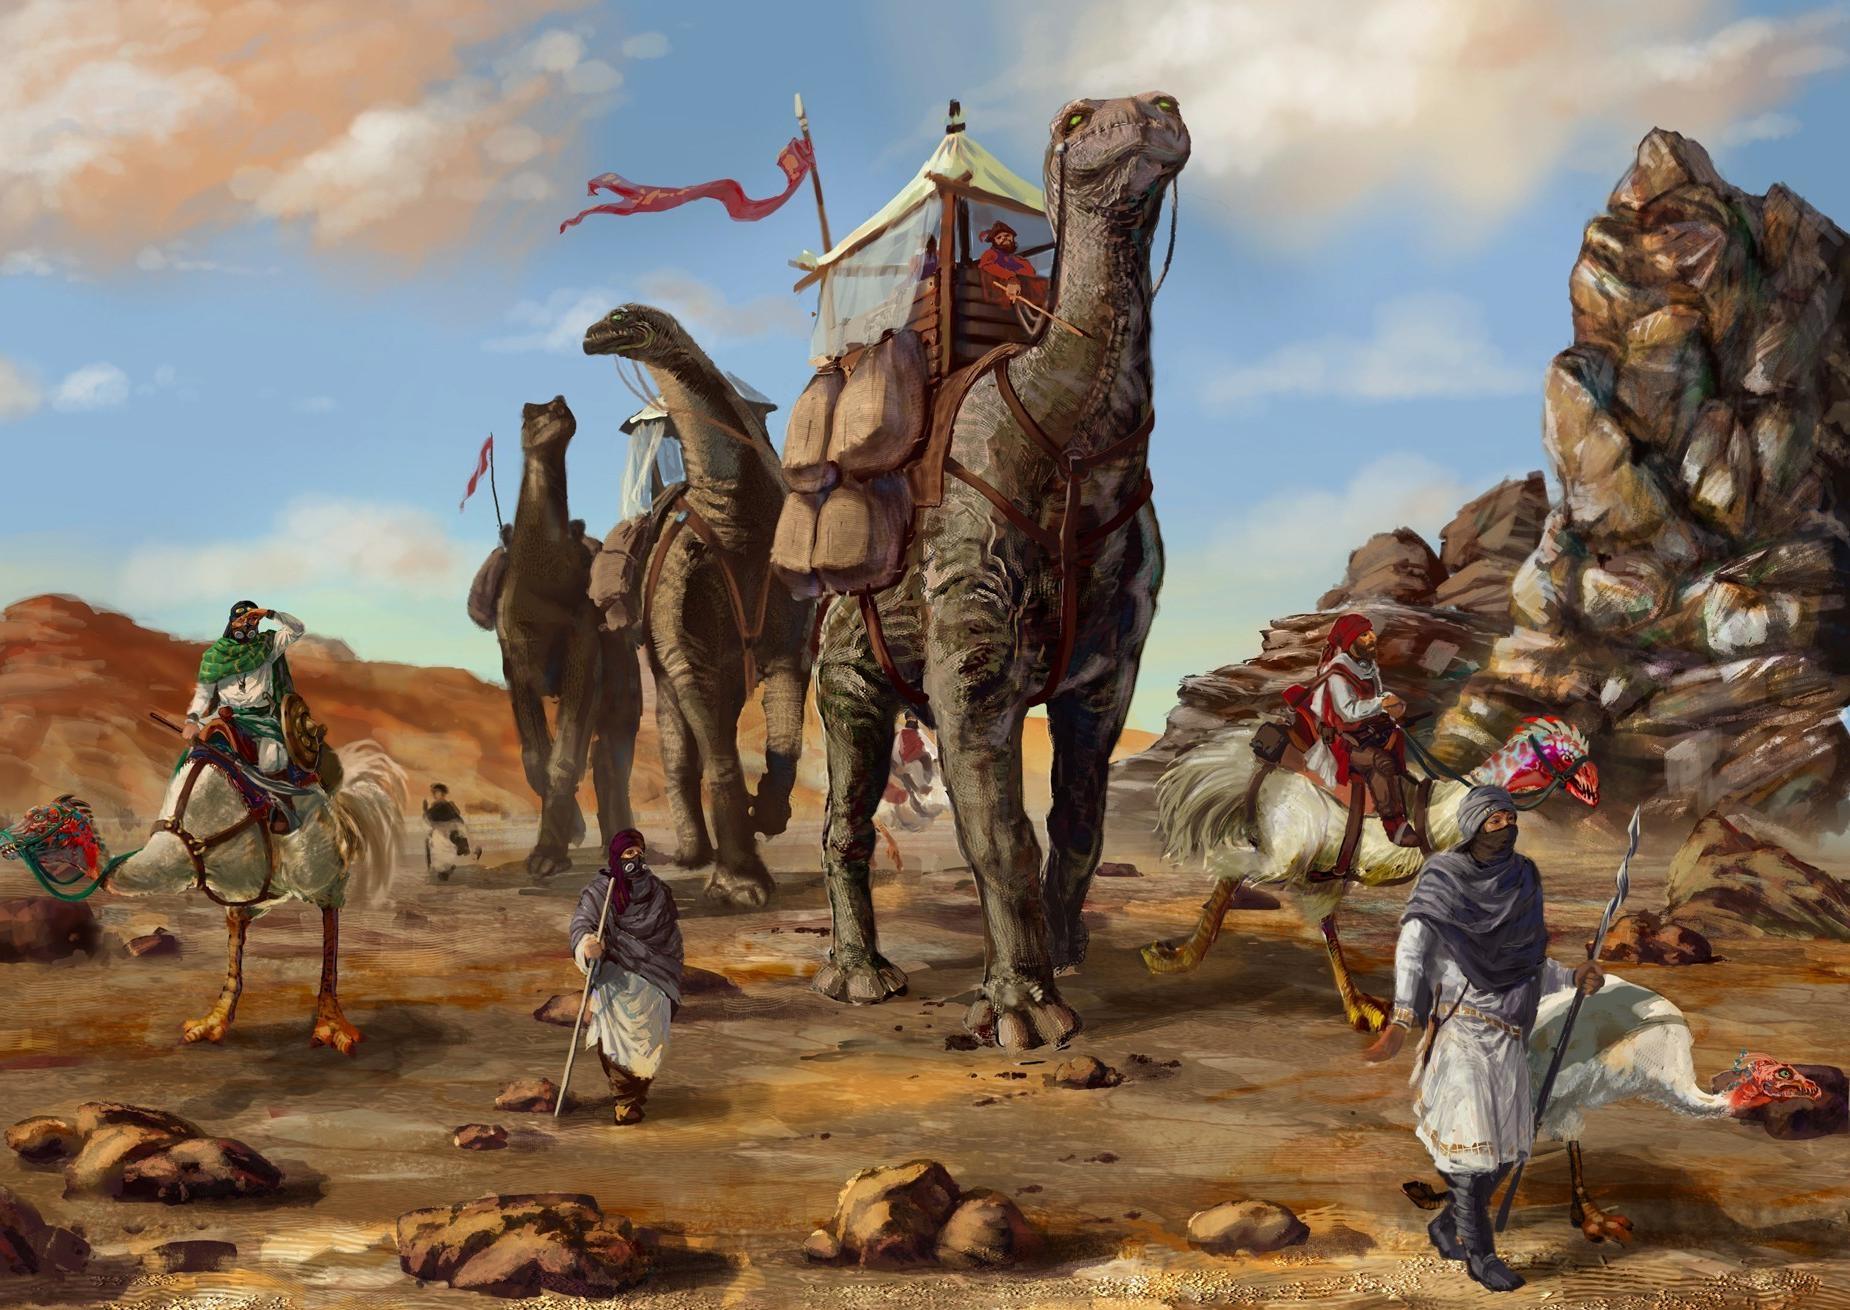 107549 download wallpaper Fantasy, Desert, Dinosaurs, Caravan, Bedouin, Bedouins screensavers and pictures for free